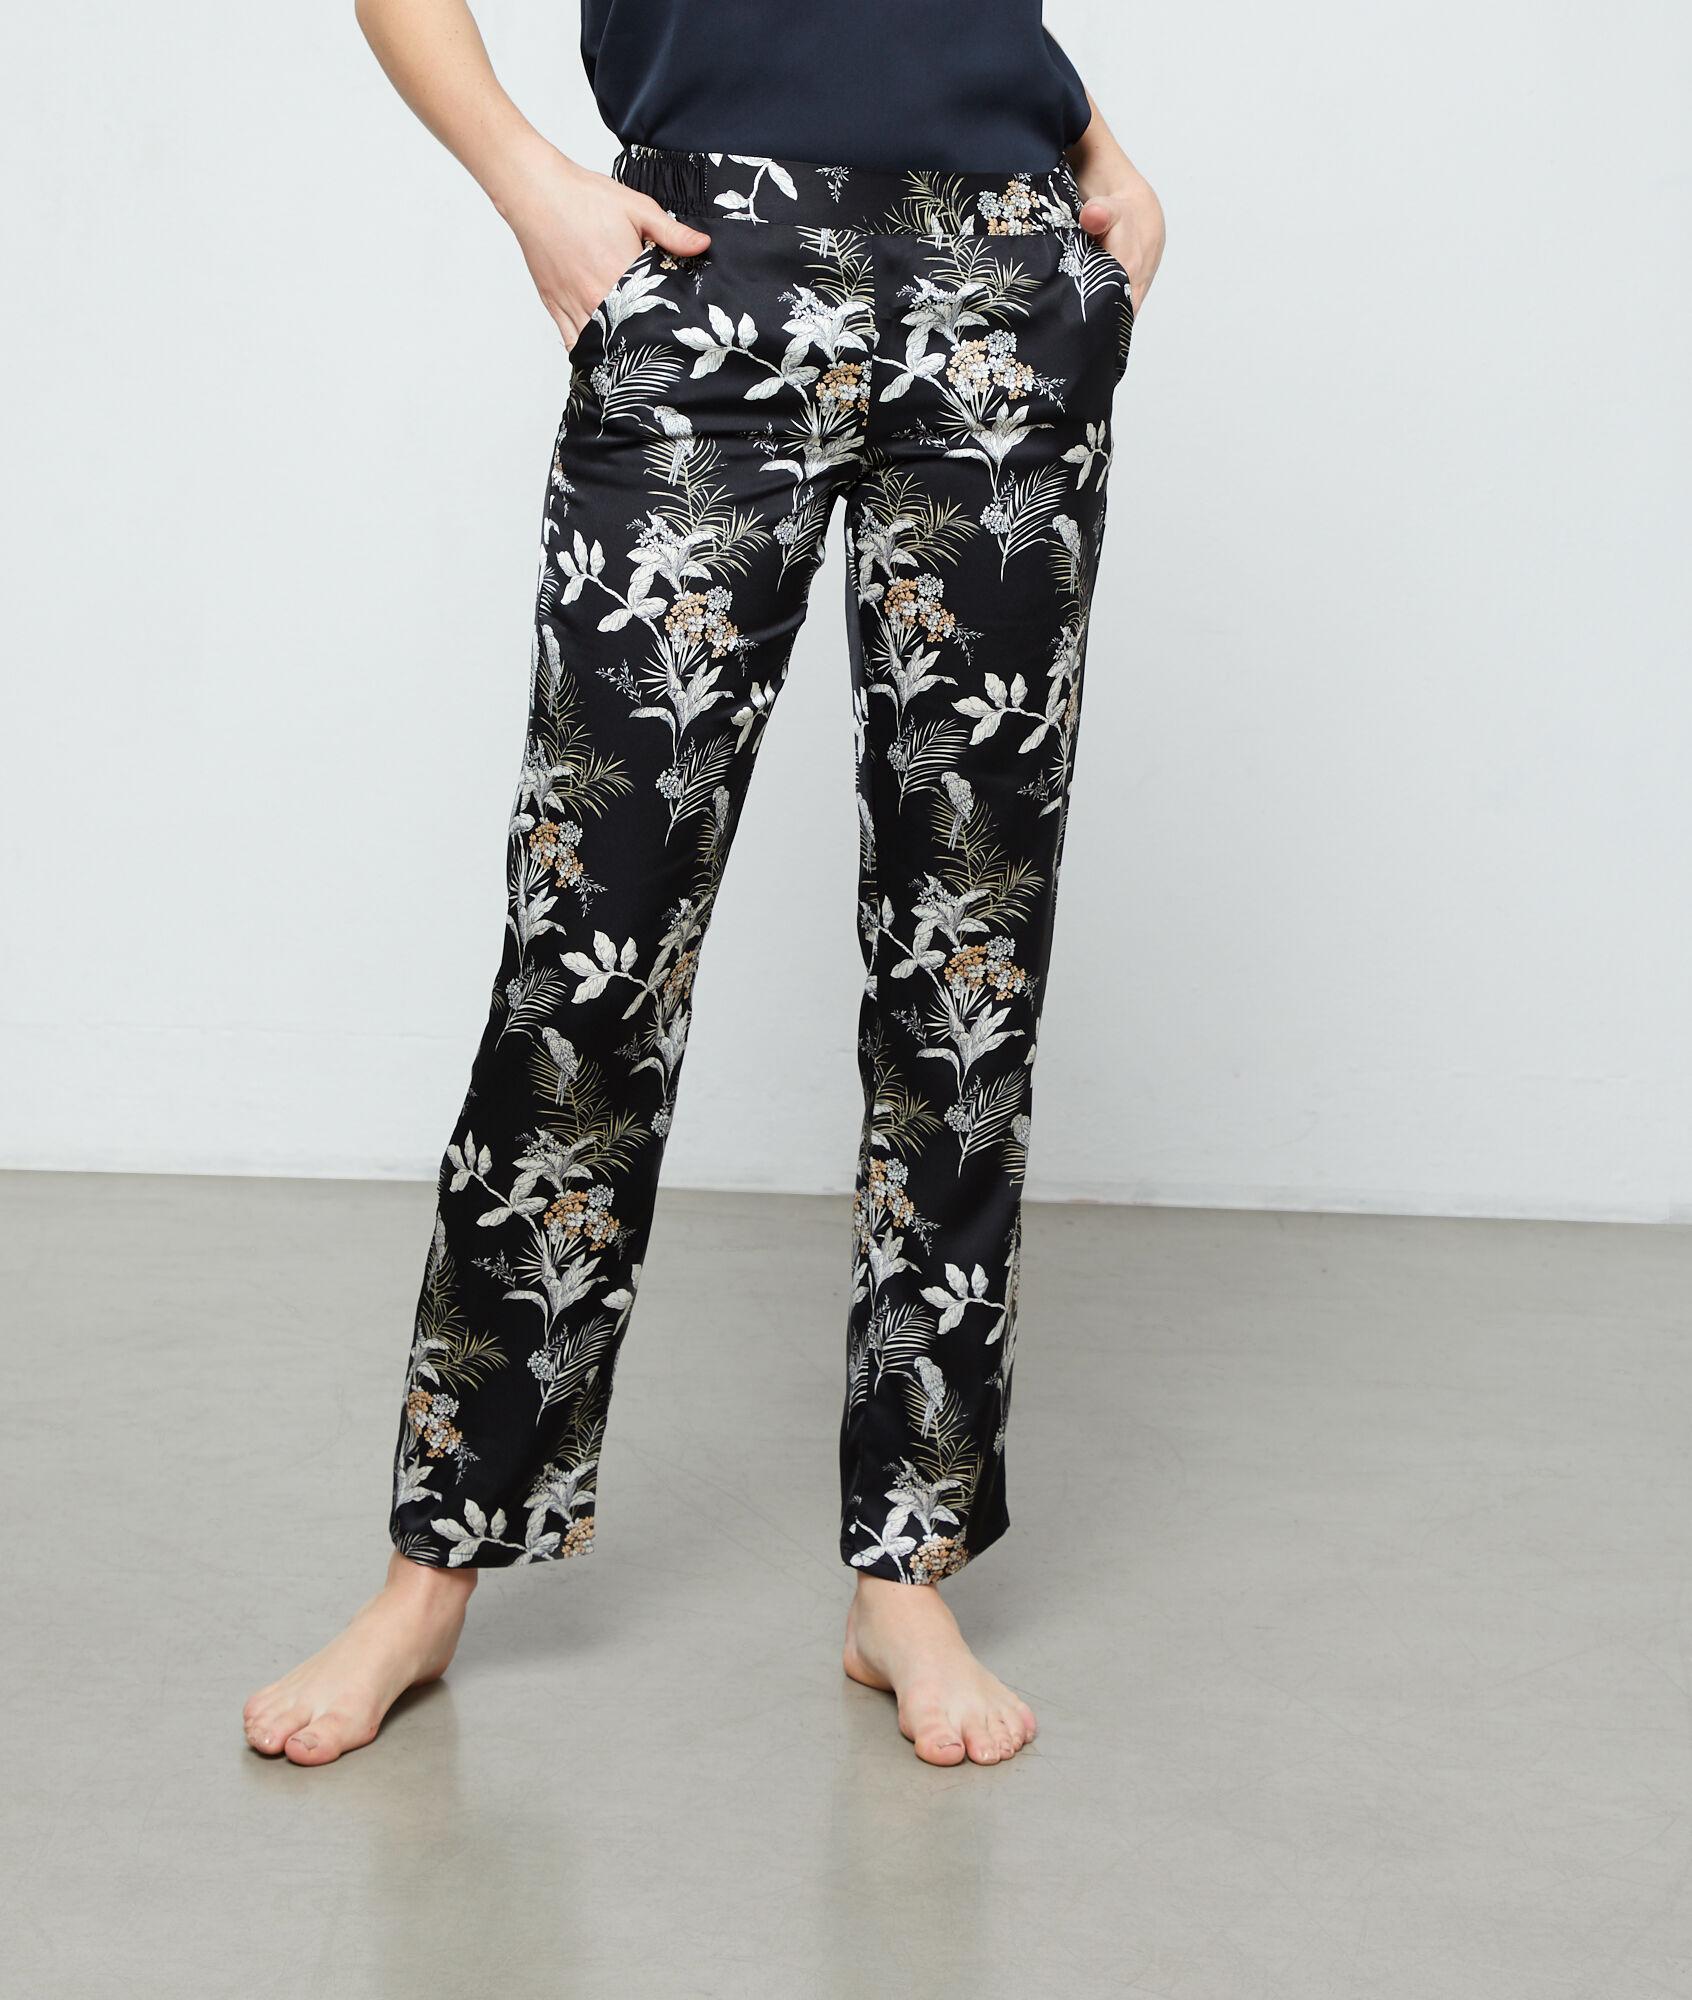 ARA Spodnie z nadrukiem liści